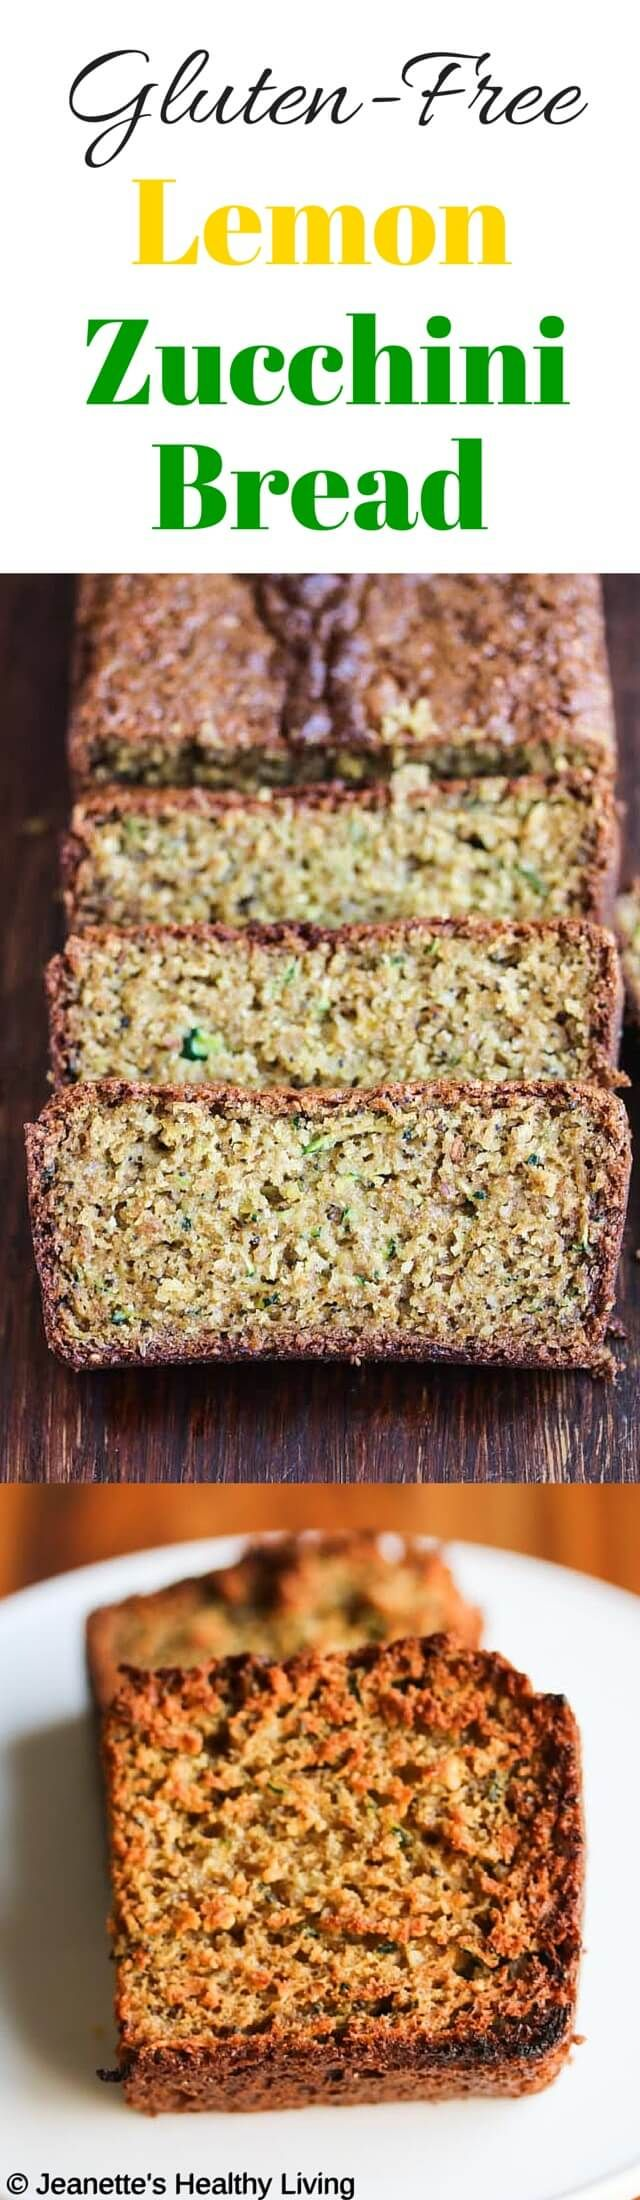 Gluten-Free Lemon Zucchini Poppy Seed Bread | Recept